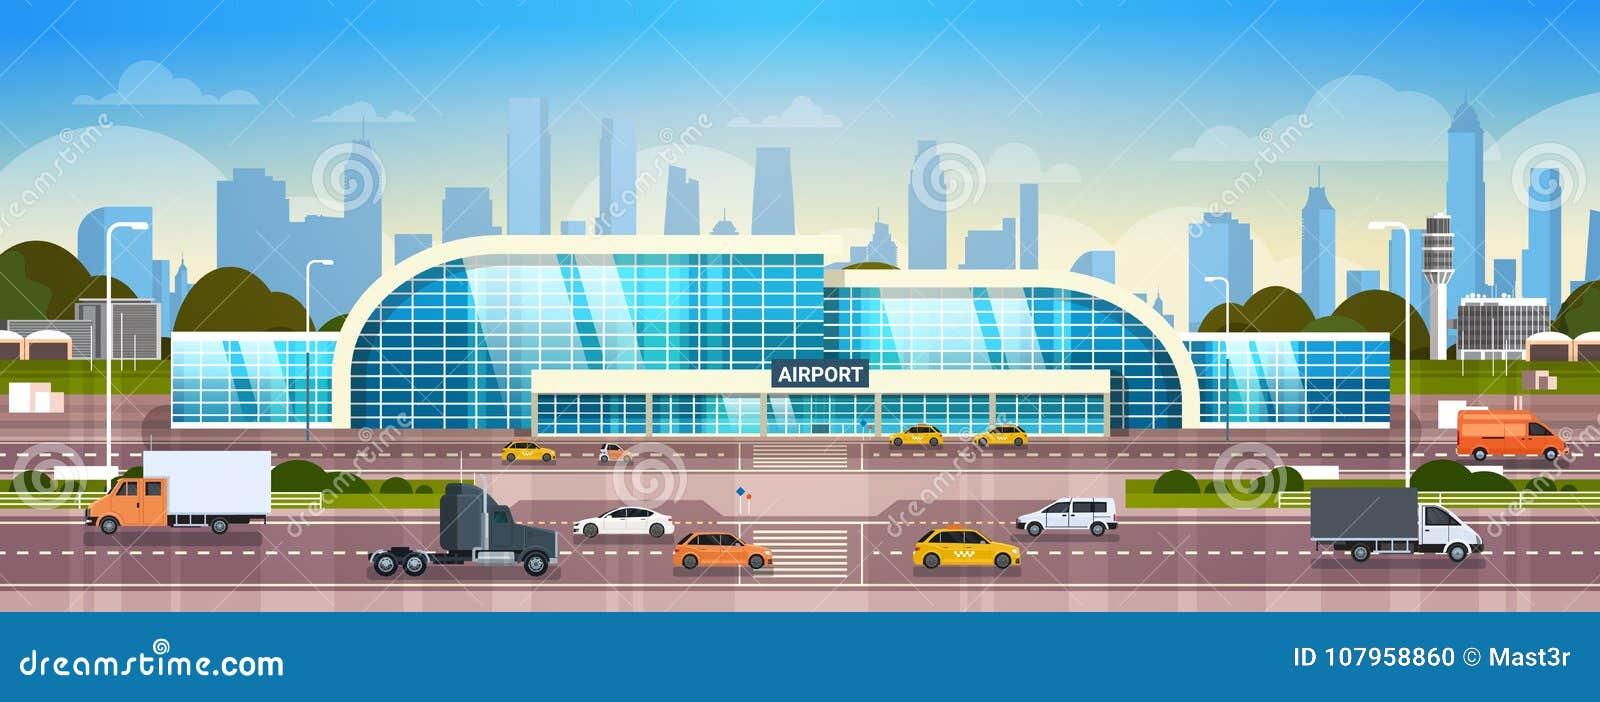 Aéroport établissant le terminal moderne extérieur avec des voitures sur la haute route de manière et des gratte-ciel sur la bann